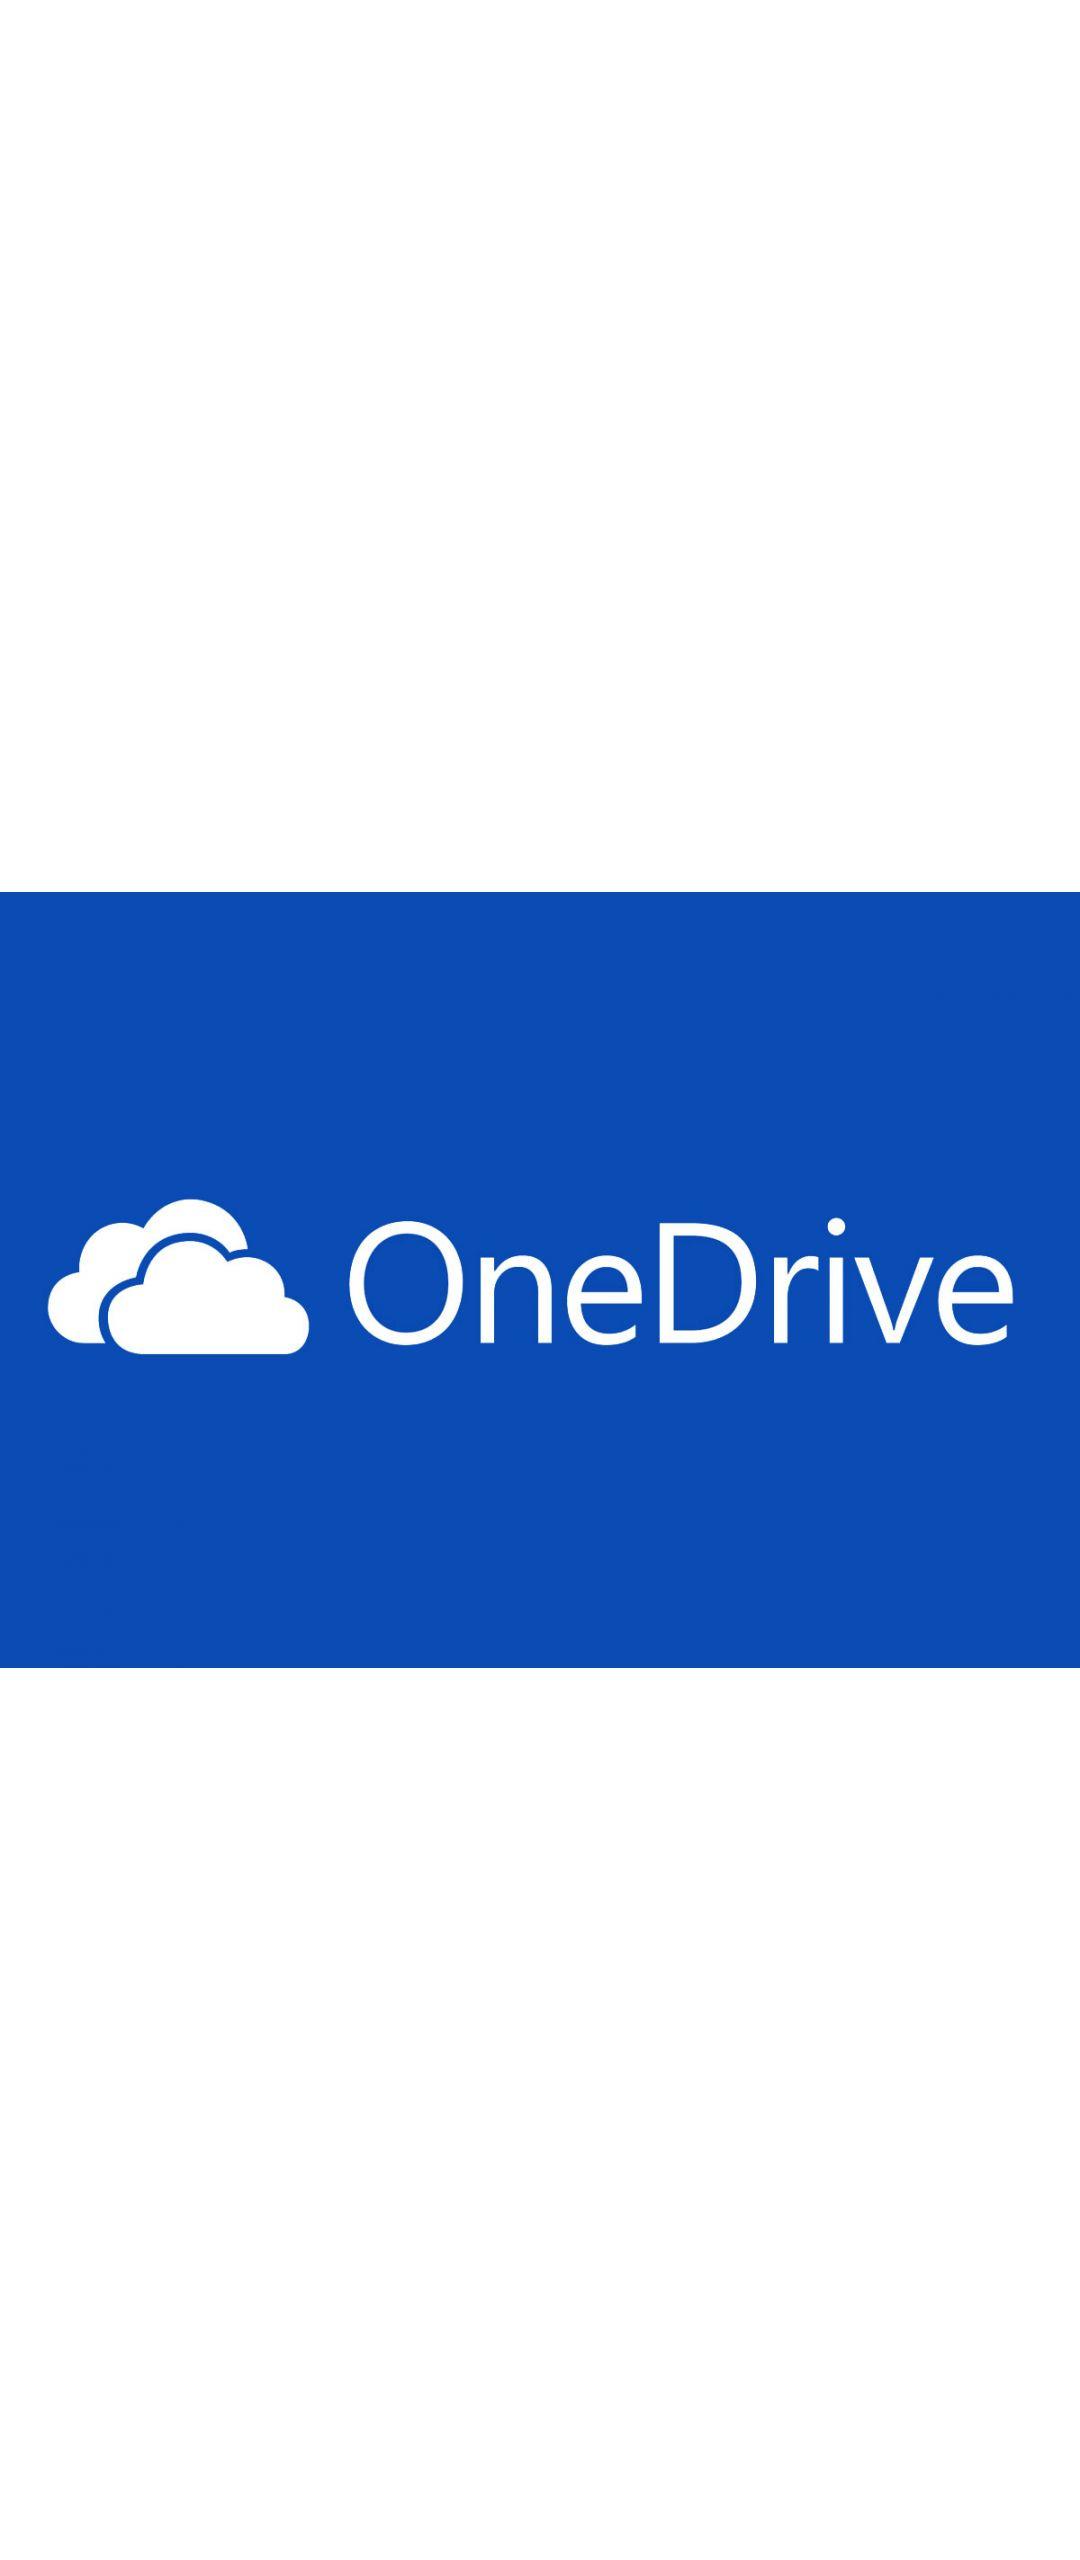 OneDrive ya permite crear documentos de Office en Android